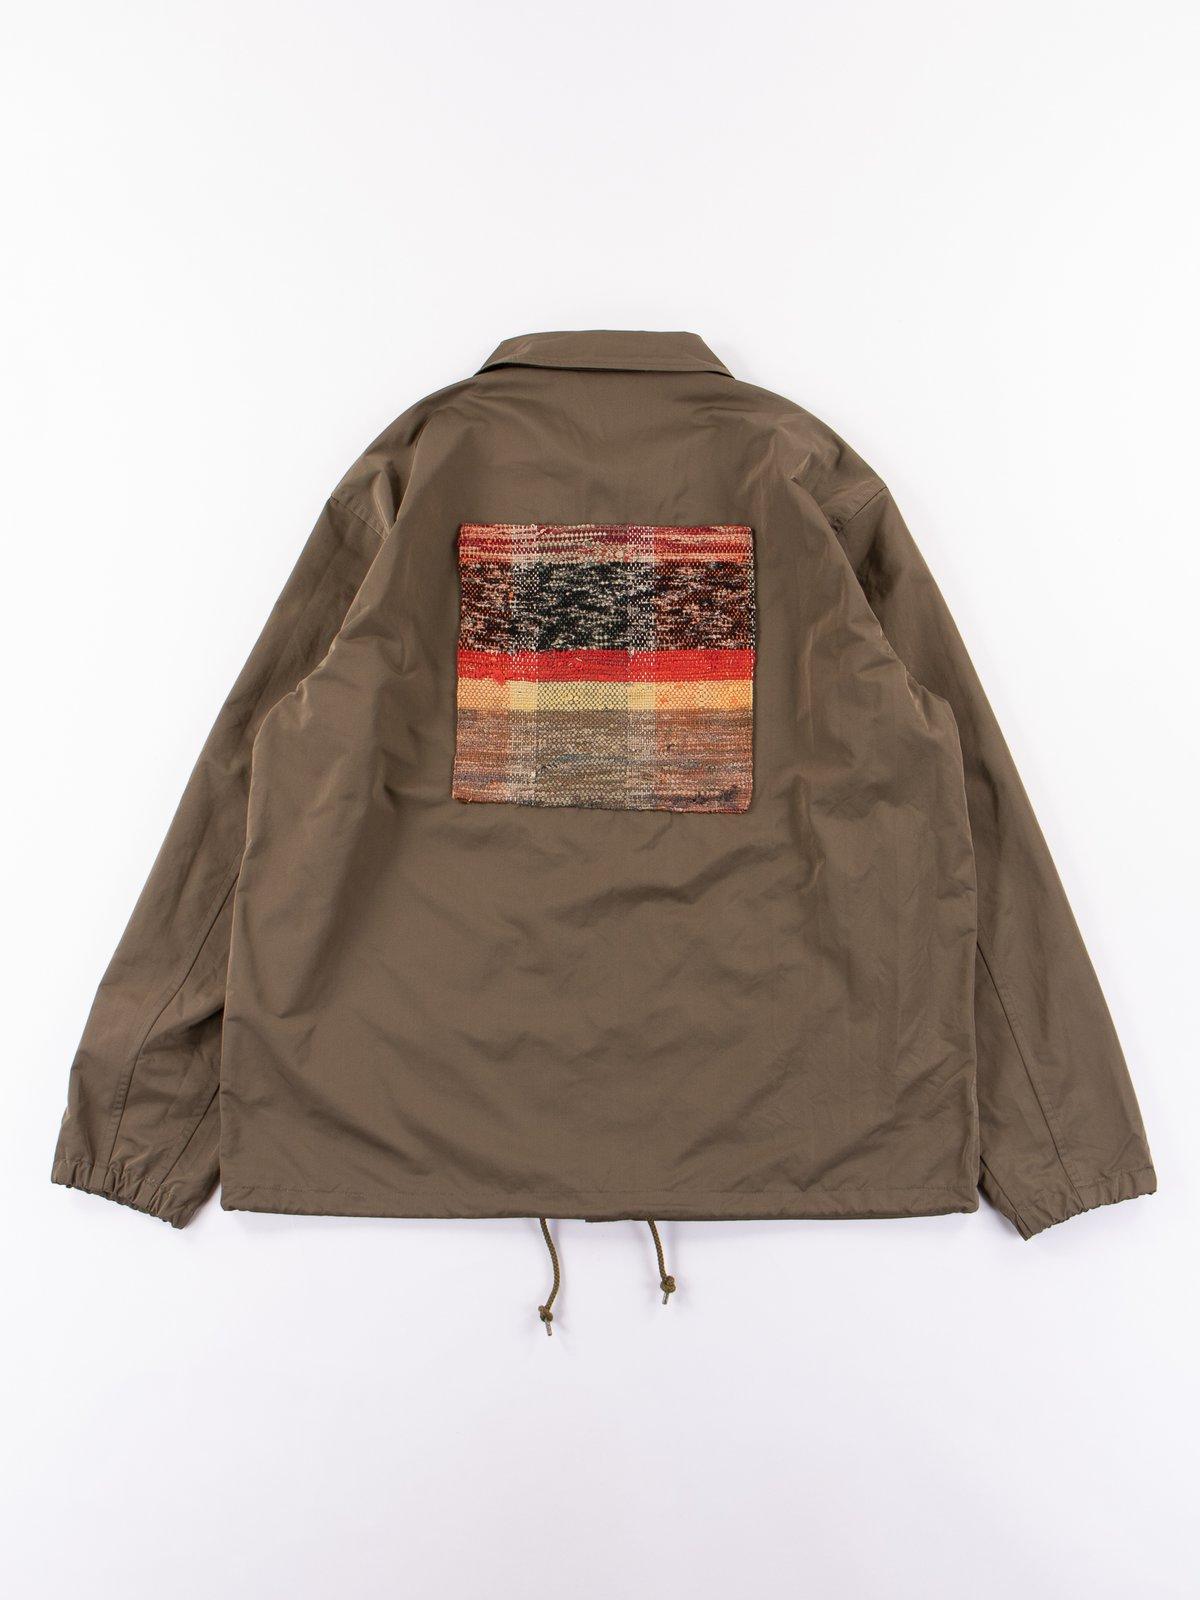 Khaki Coach Jacket - Image 6